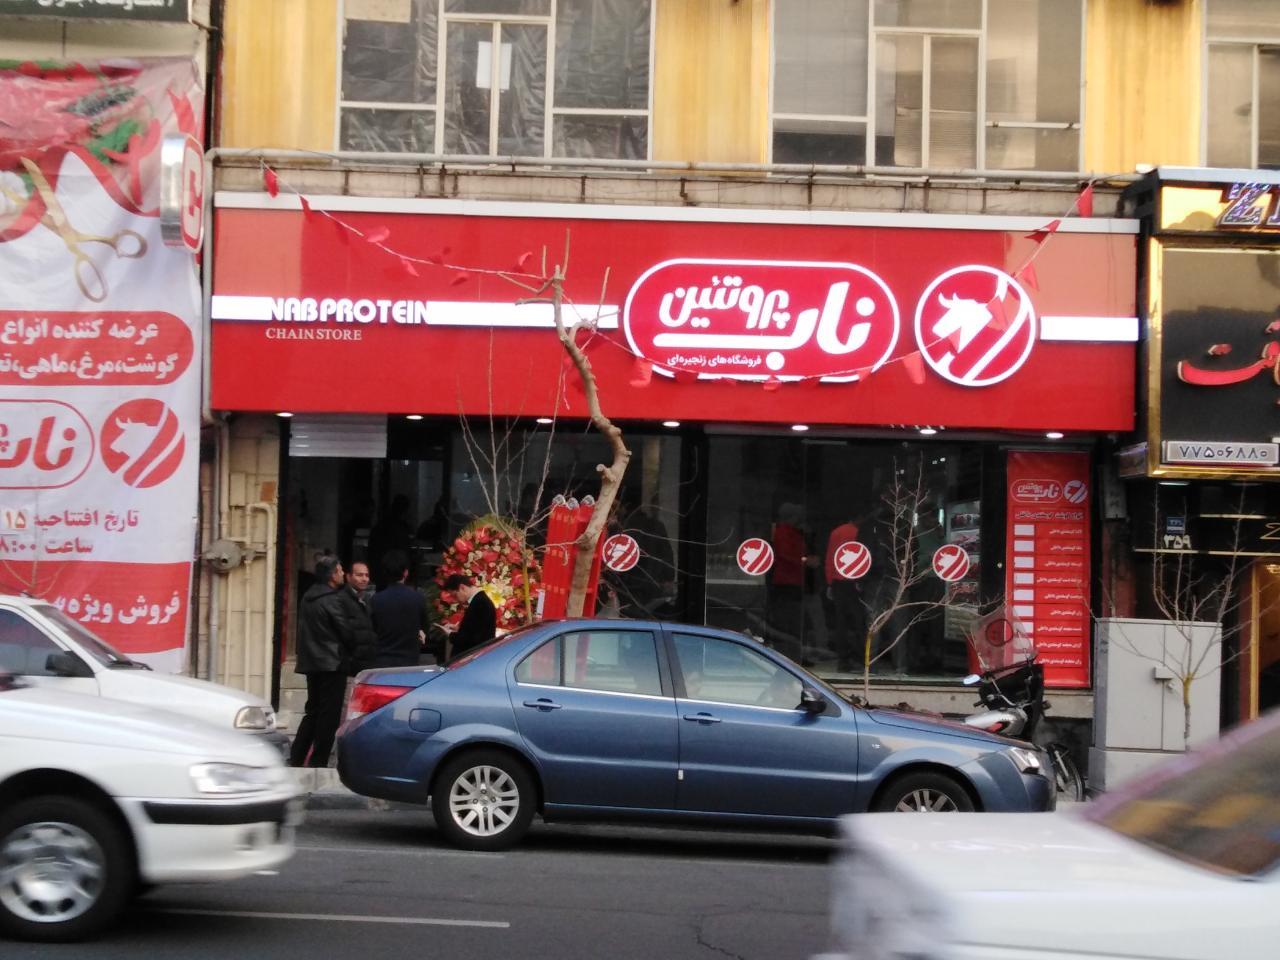 افتتاح ششمین فروشگاه از فروشگاههای زنجیرهای ناب پروتئین